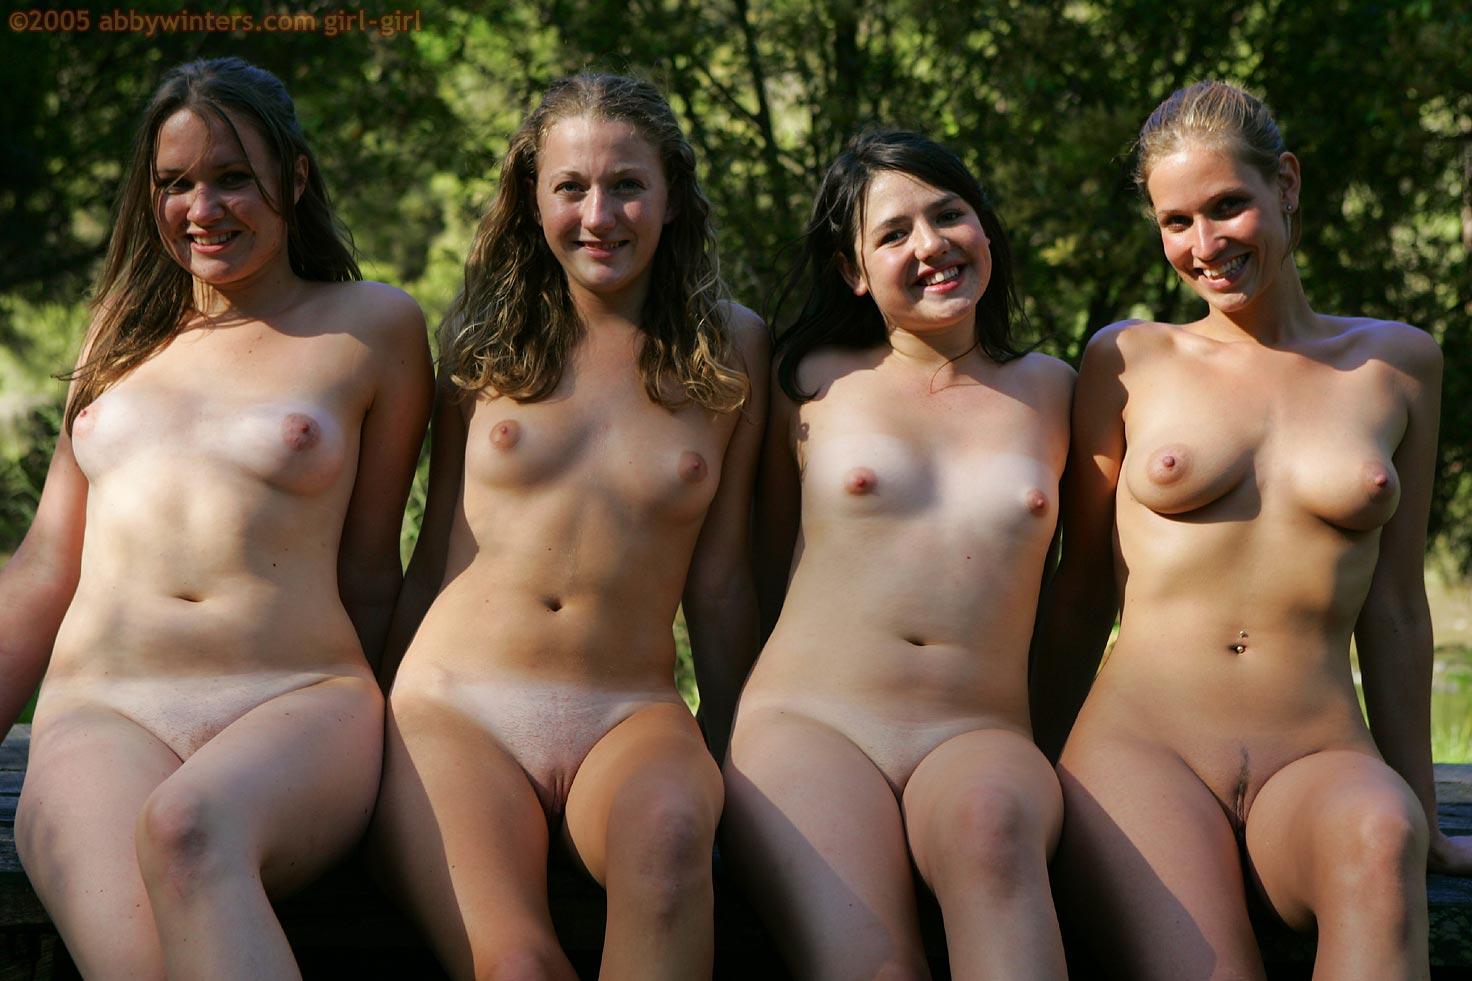 Фото голыч жен, Ваши голые жены ВКонтакте 27 фотография